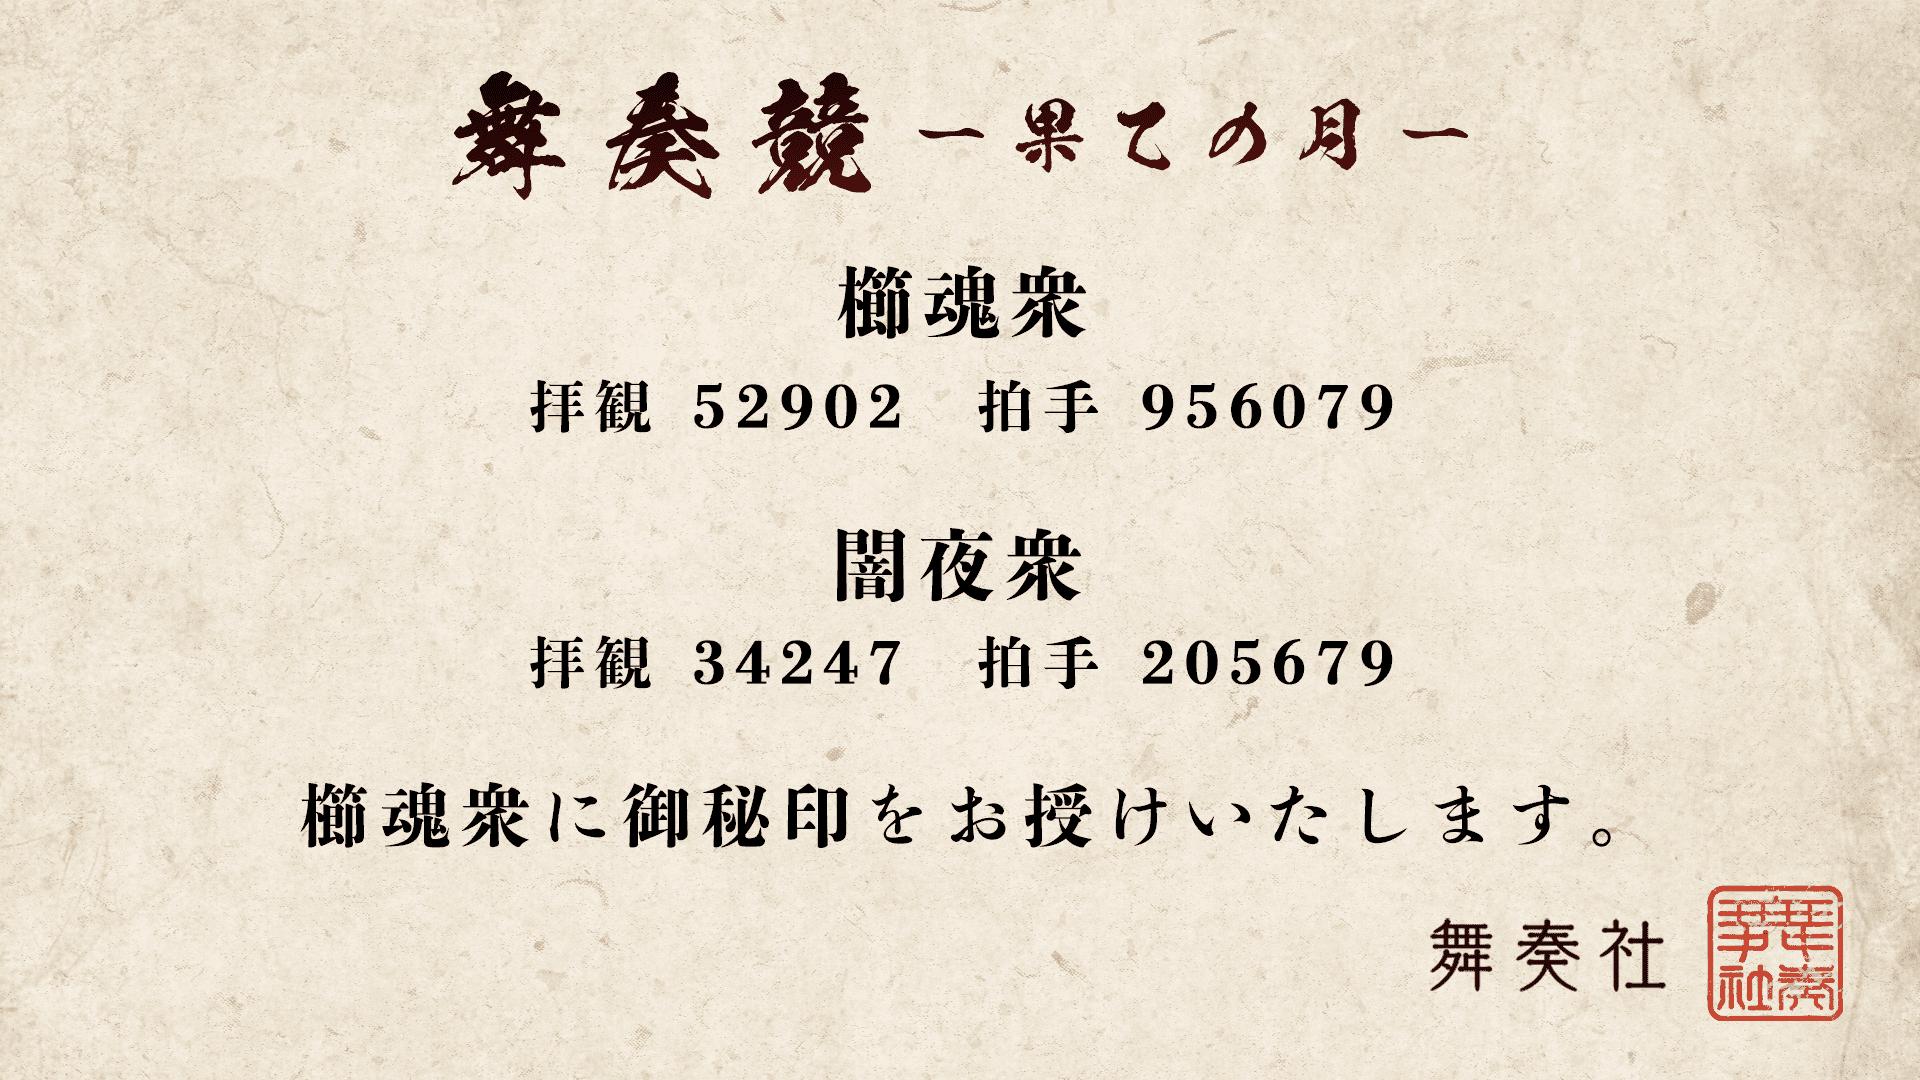 2dd64887c007df862cffab822557b2f9b6981356